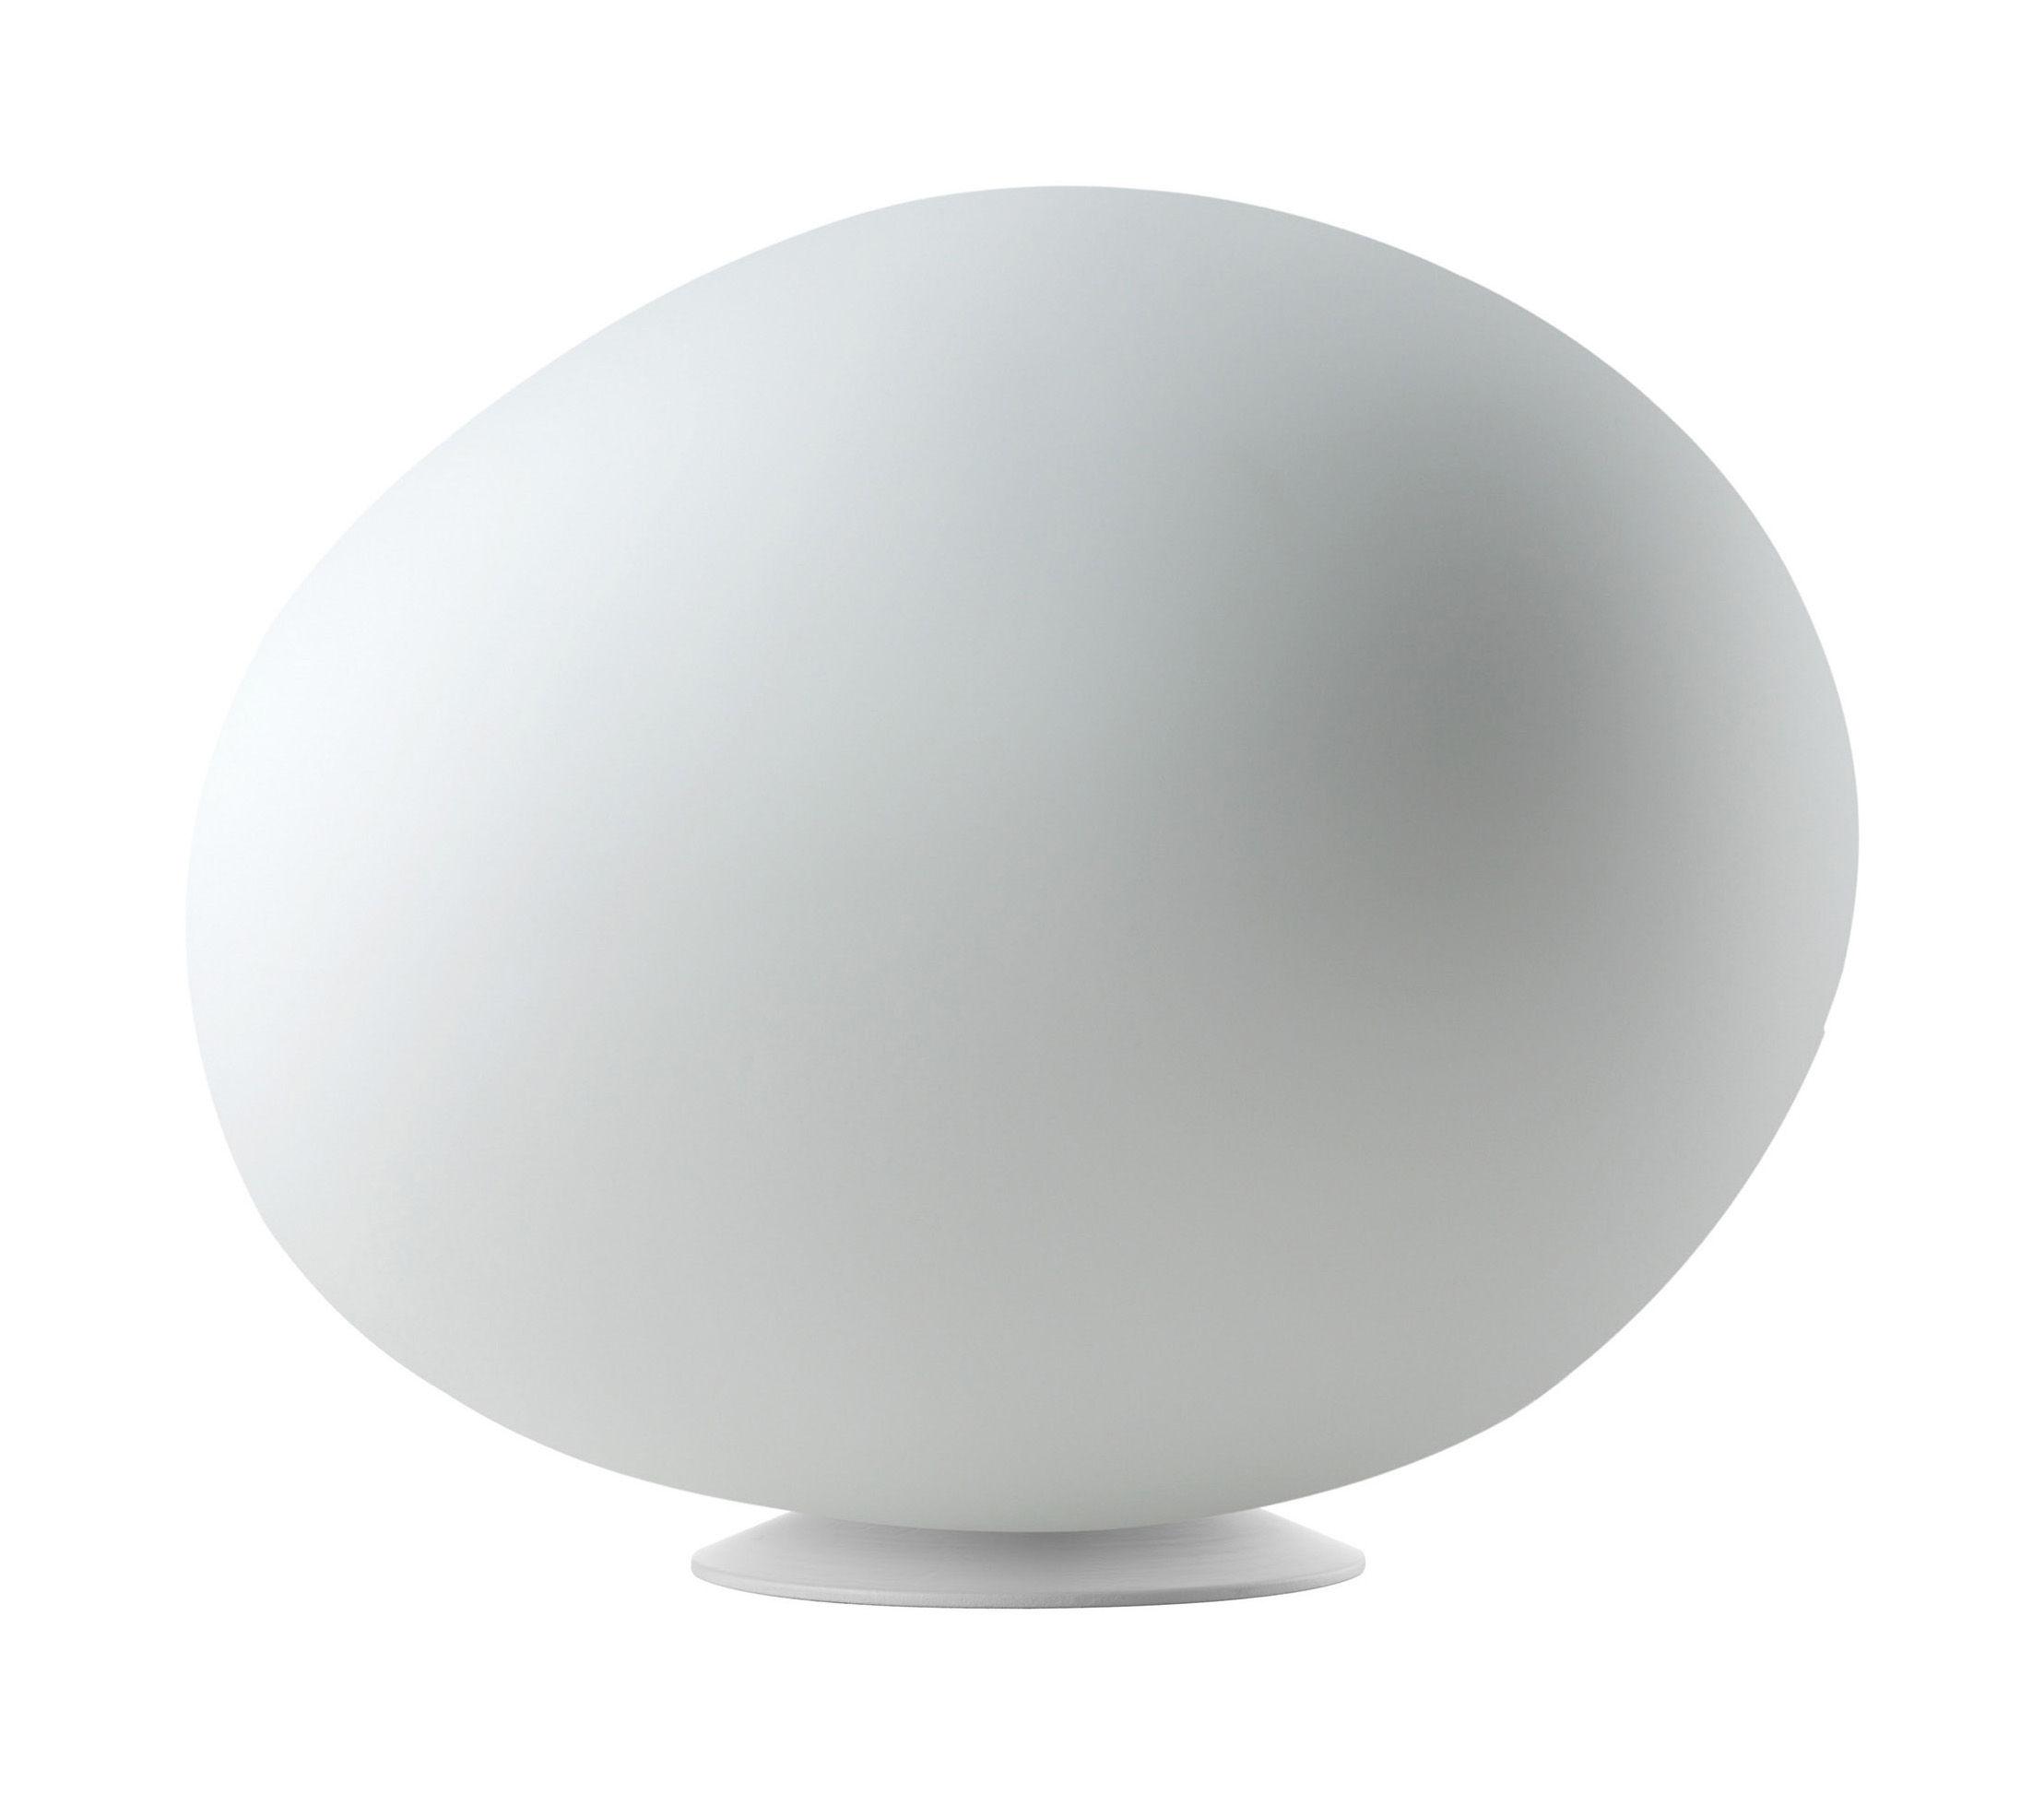 Luminaire - Lampes de table - Lampe de table Poly Gregg Piccola / Plastique - L 31 cm - Foscarini - Blanc - Piccola / L 31 cm - Acier laqué, Polyéthylène